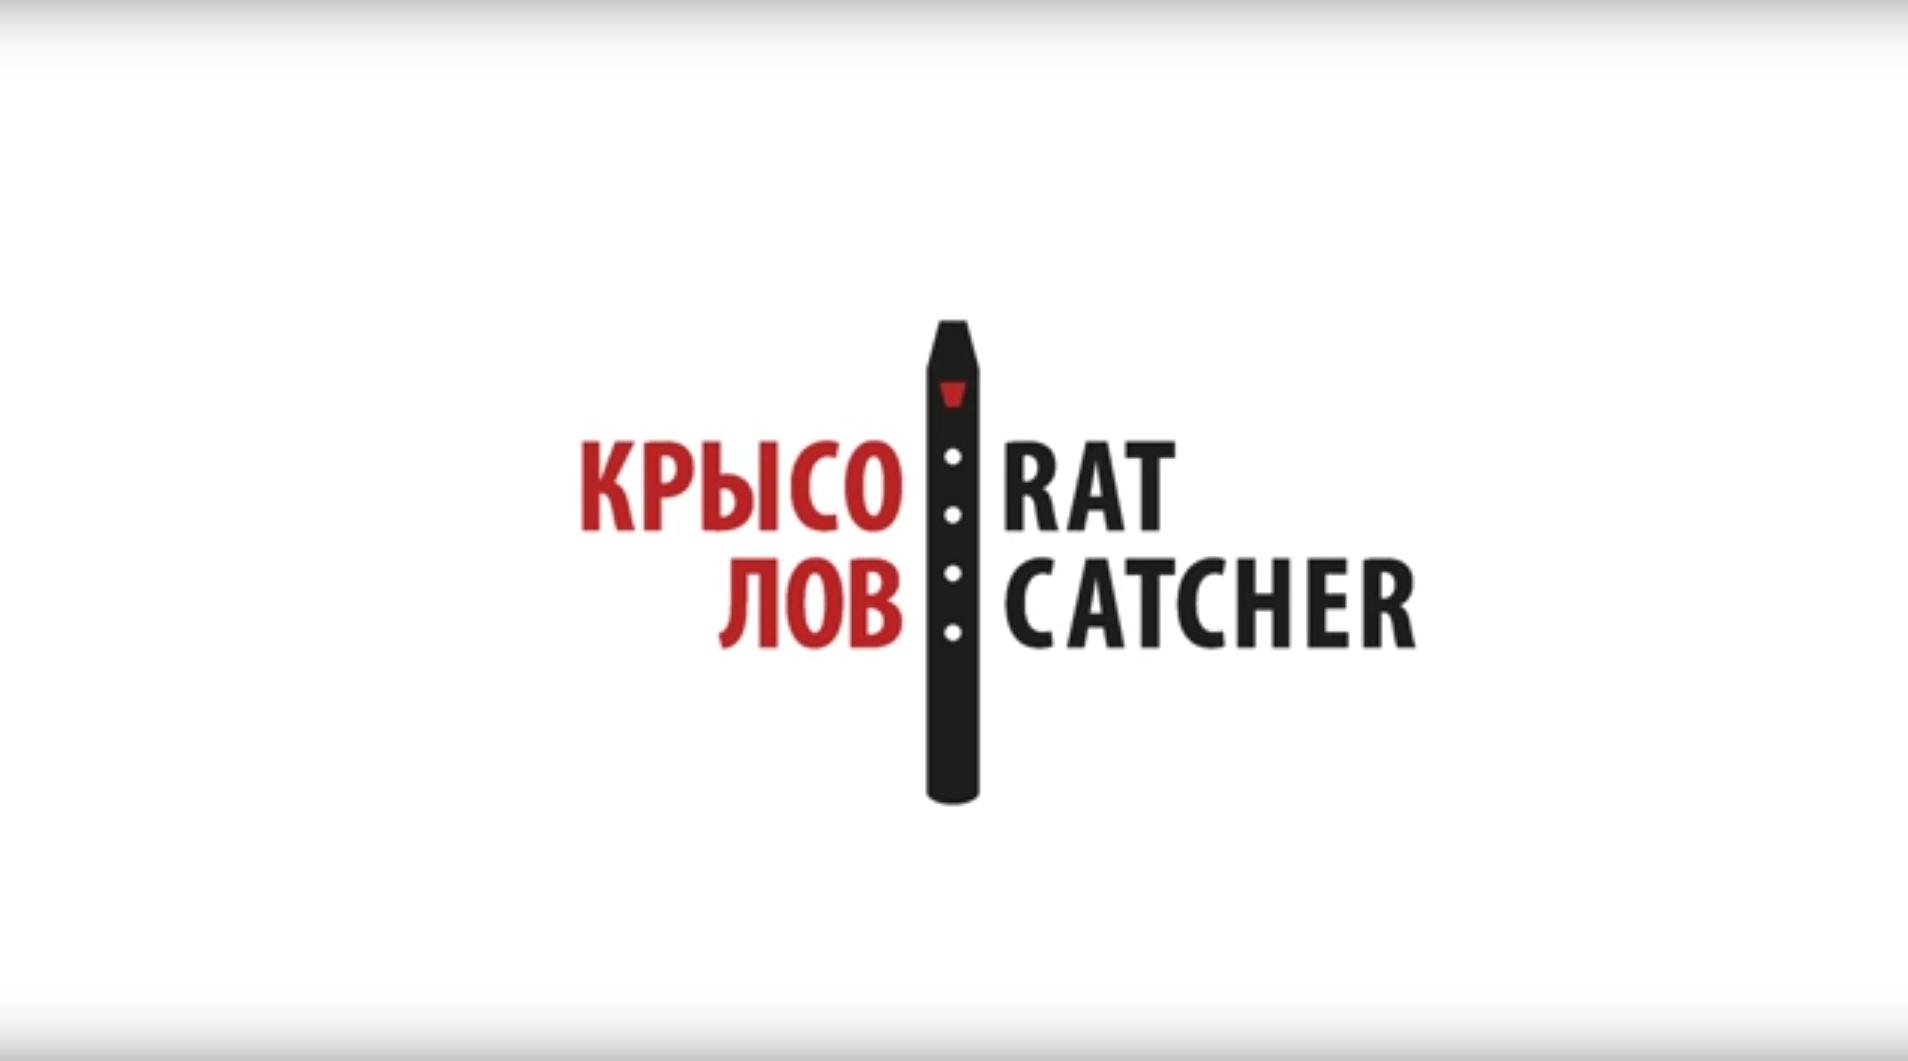 Ratcatcher project